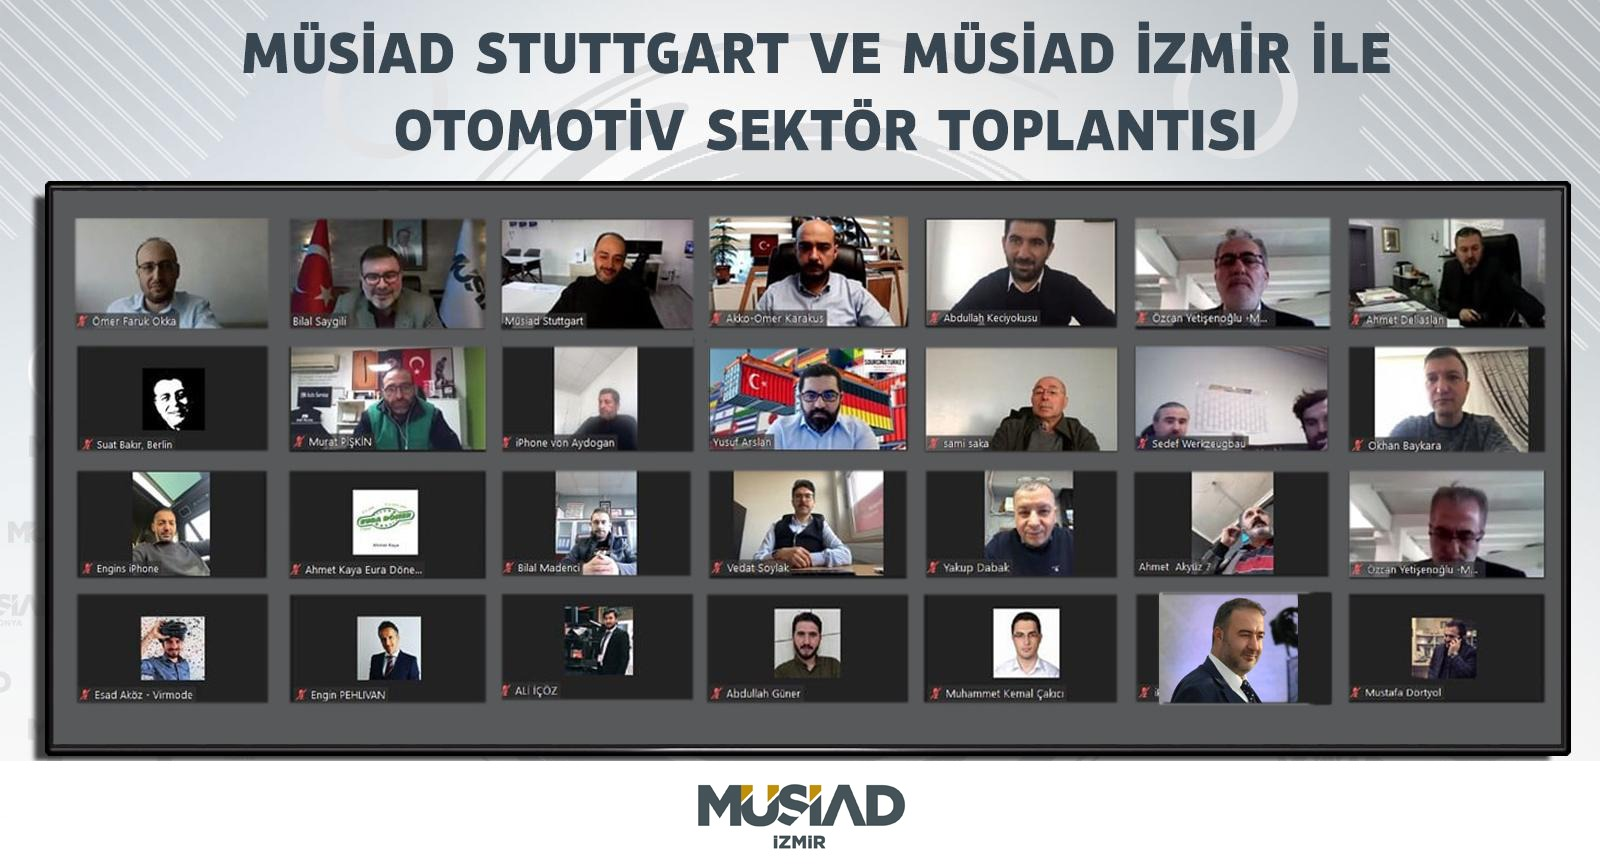 MÜSİAD'DAN ALMAN OTOMOTİV SEKTÖRÜNE ATAK